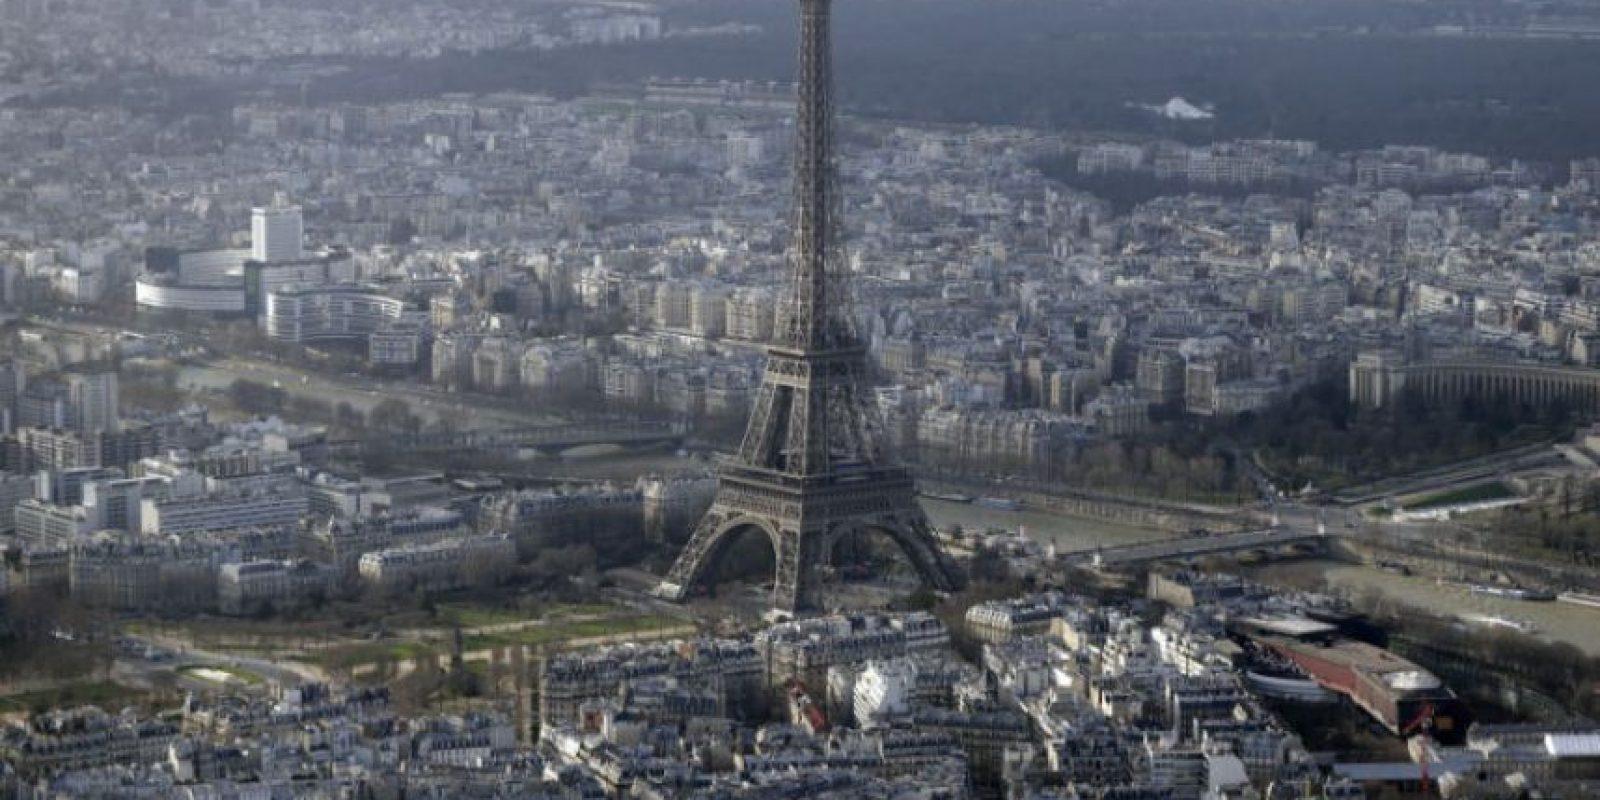 La empresa que gestiona la atracción dijó que lamentaba que los visitantes estaban siendo castigados. Foto:AFP